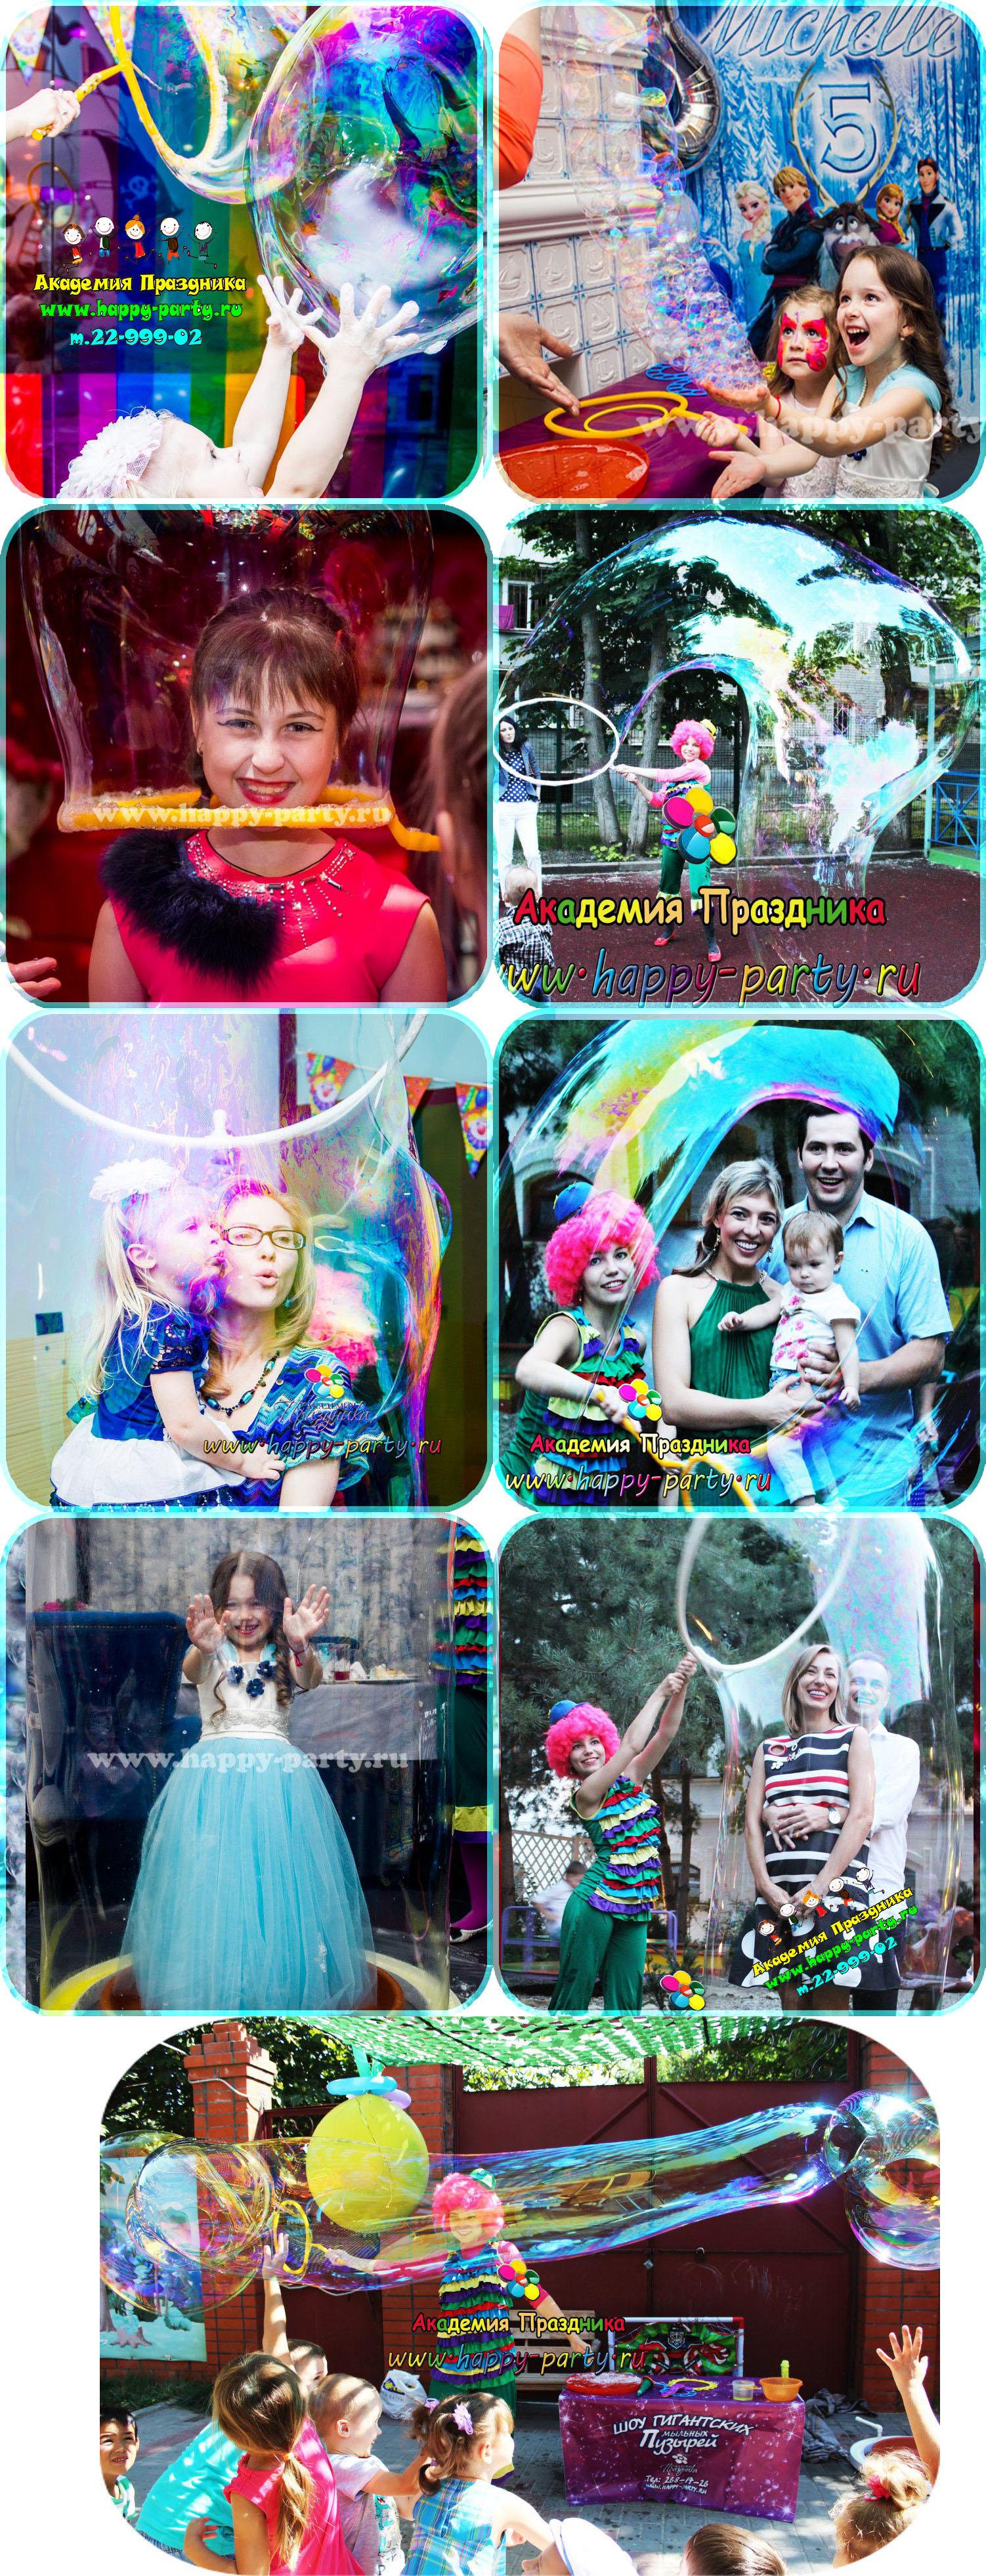 шоу гигантских мыльных пузырей на детский праздник в ростове на дону